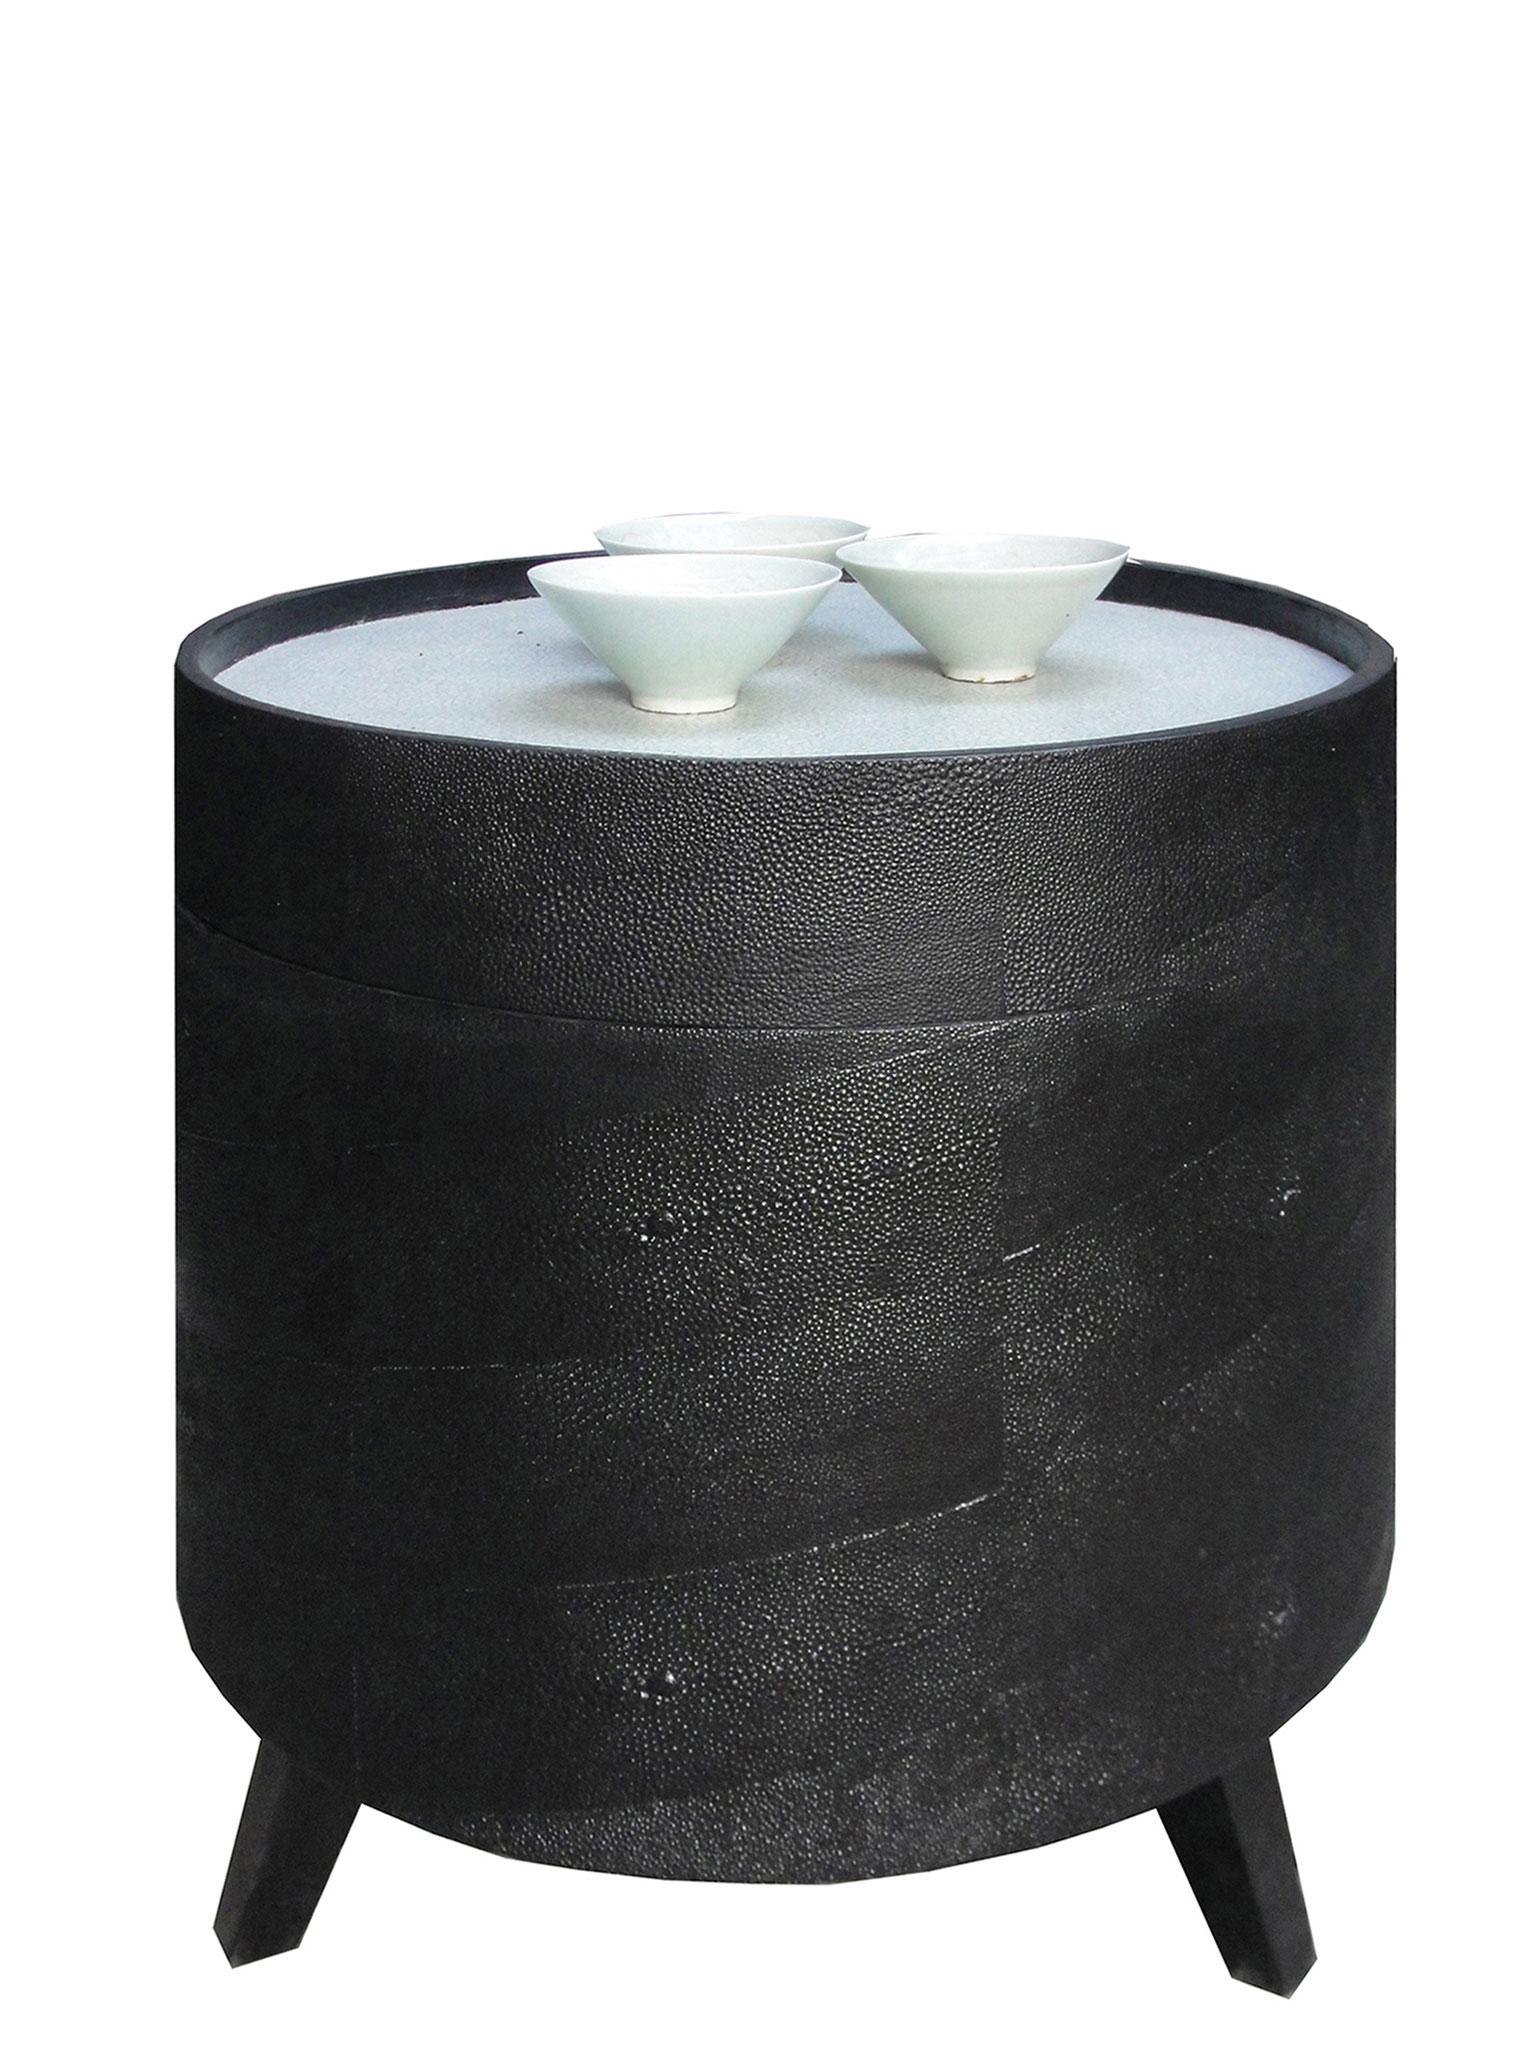 Table basse gainée d'empreintes de peaux de galuchat, plateau laqué avec incrustation de coquilles d'œufs - Boîte à chapeau de Chine - 38 x 41 cm